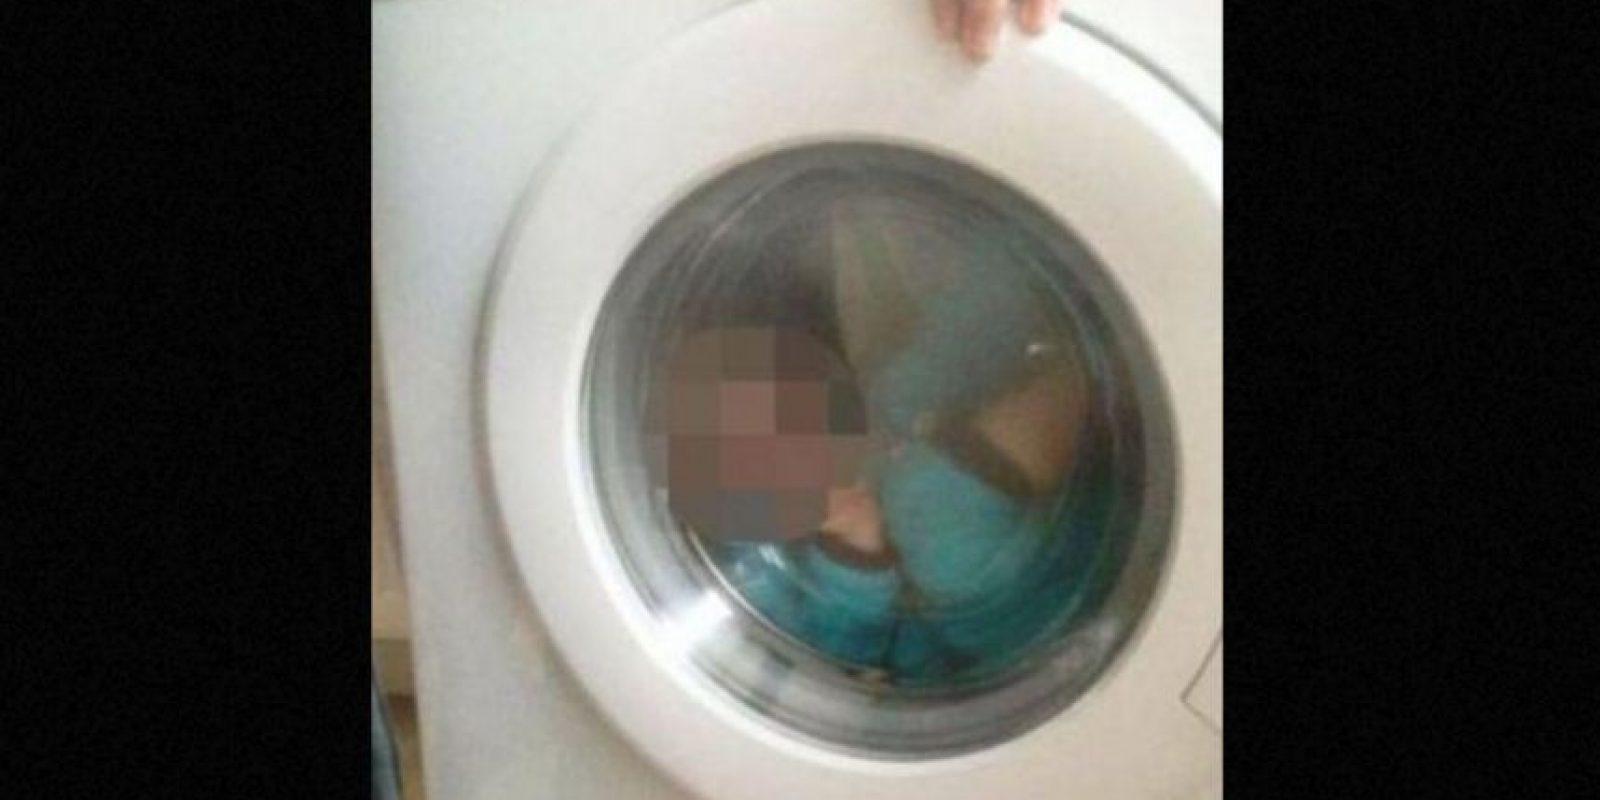 Courtney Stewart, de 21 años, fue atacada por publicar una foto de su bebé de dos años a Facebook, mientras el pequeño se encontraba dentro de la lavadora Foto:Facebook.com